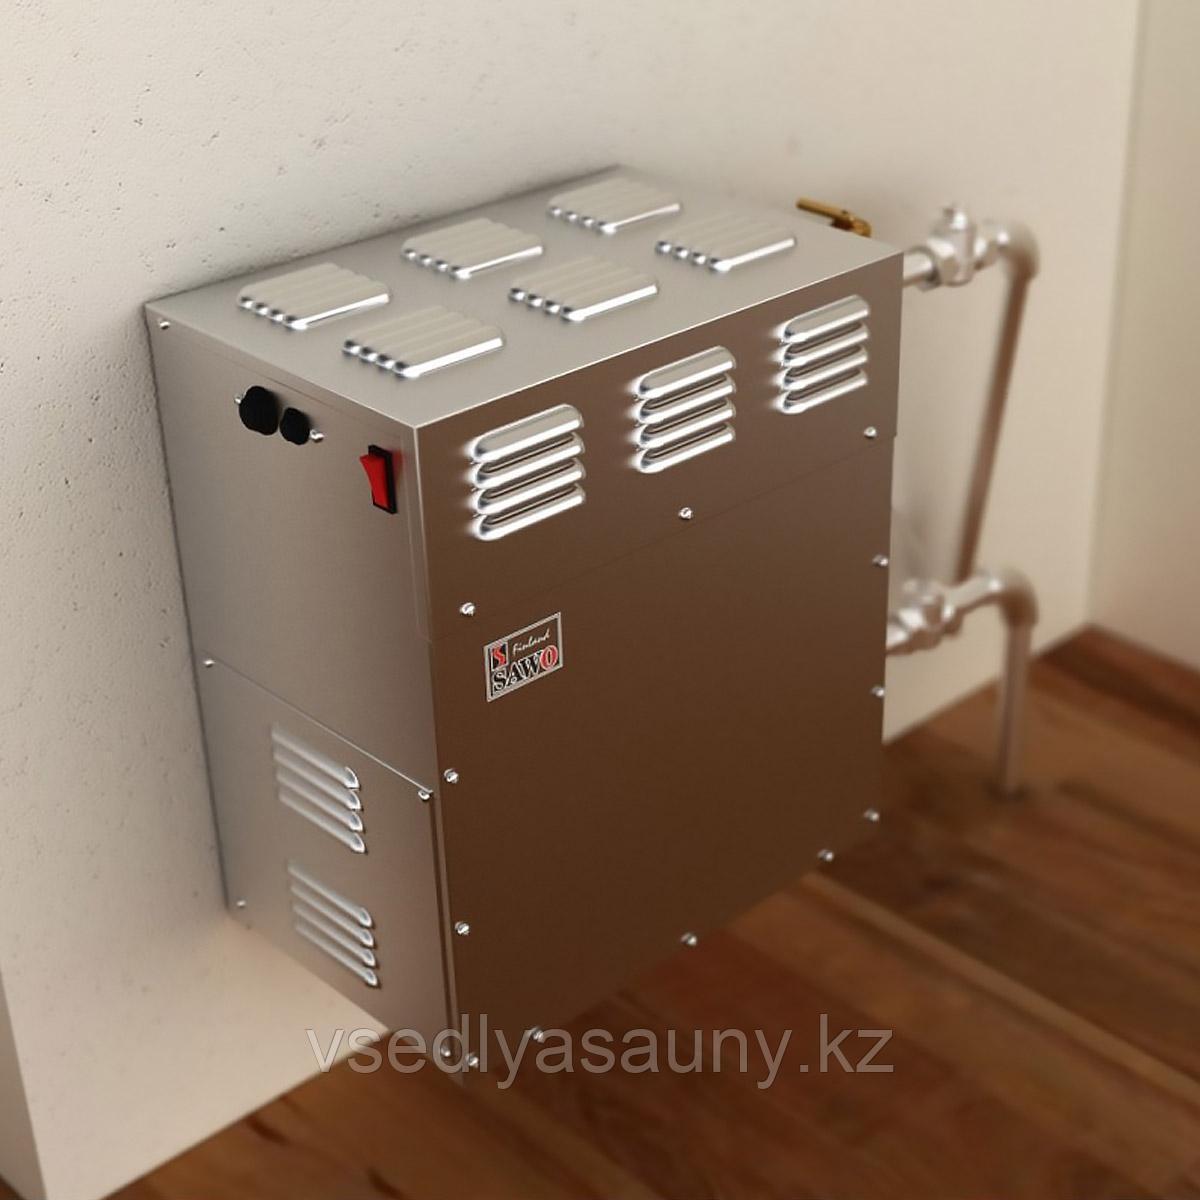 Парогенератор SAWO.STP-120-3 (пульт,авто-промывка,датчик). Финляндия.